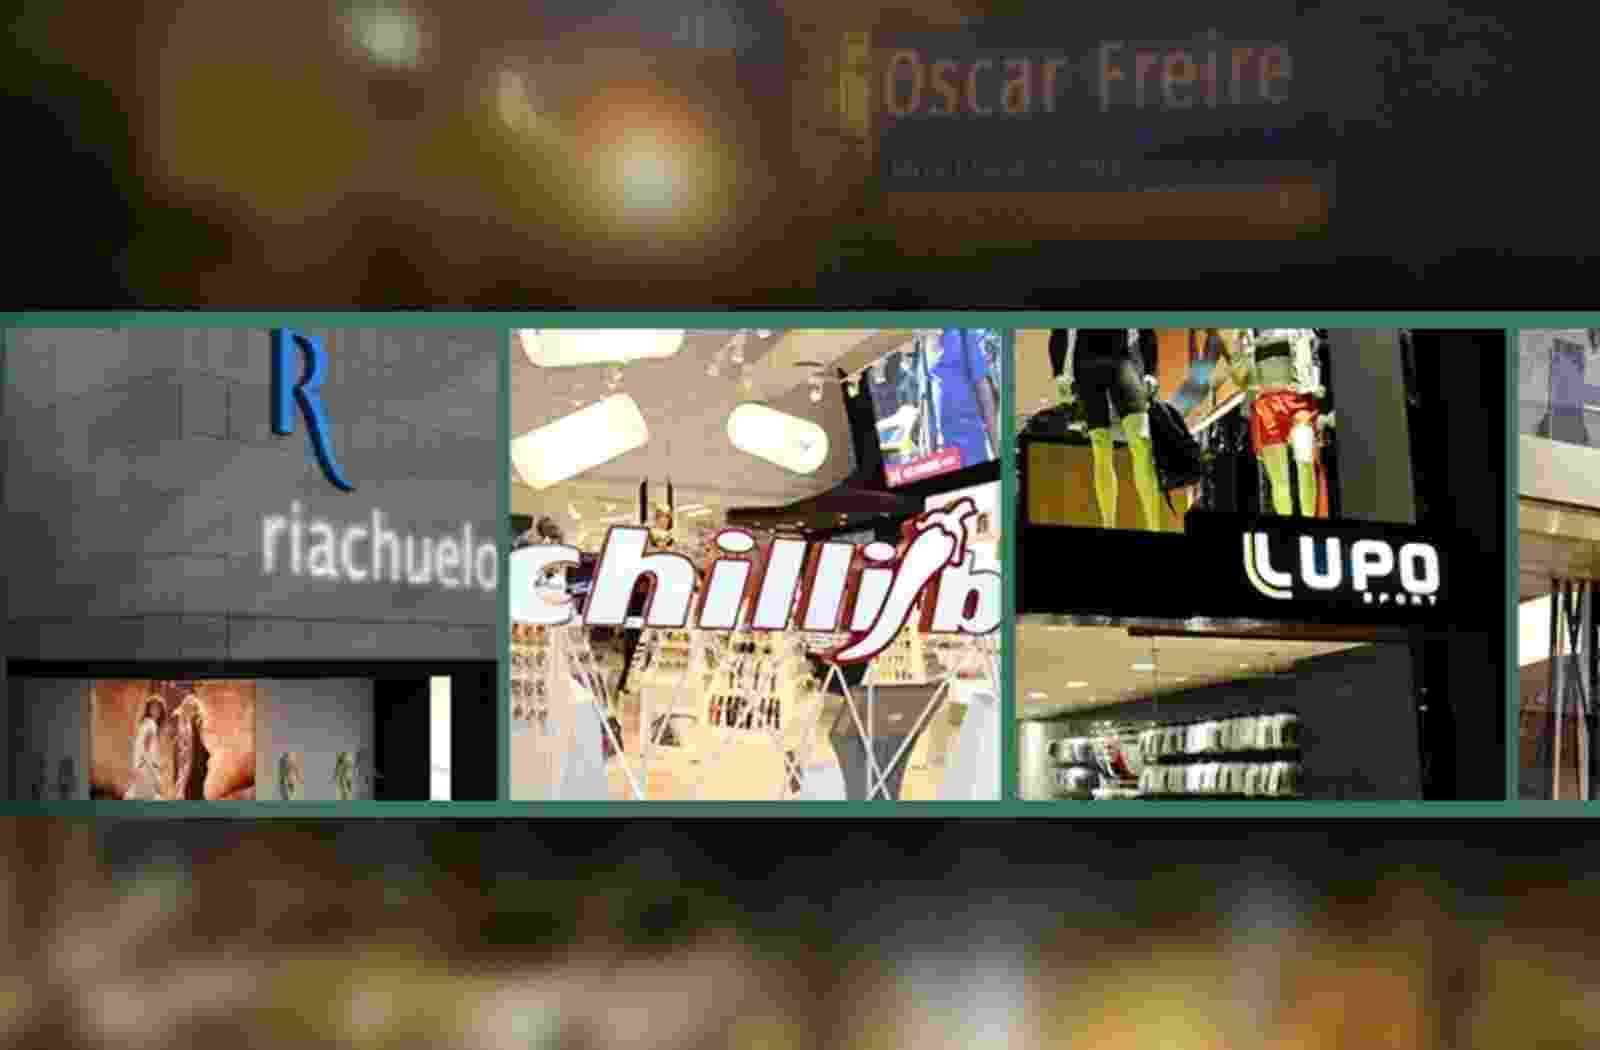 Marcas populares na Oscar Freire - Arte/UOL